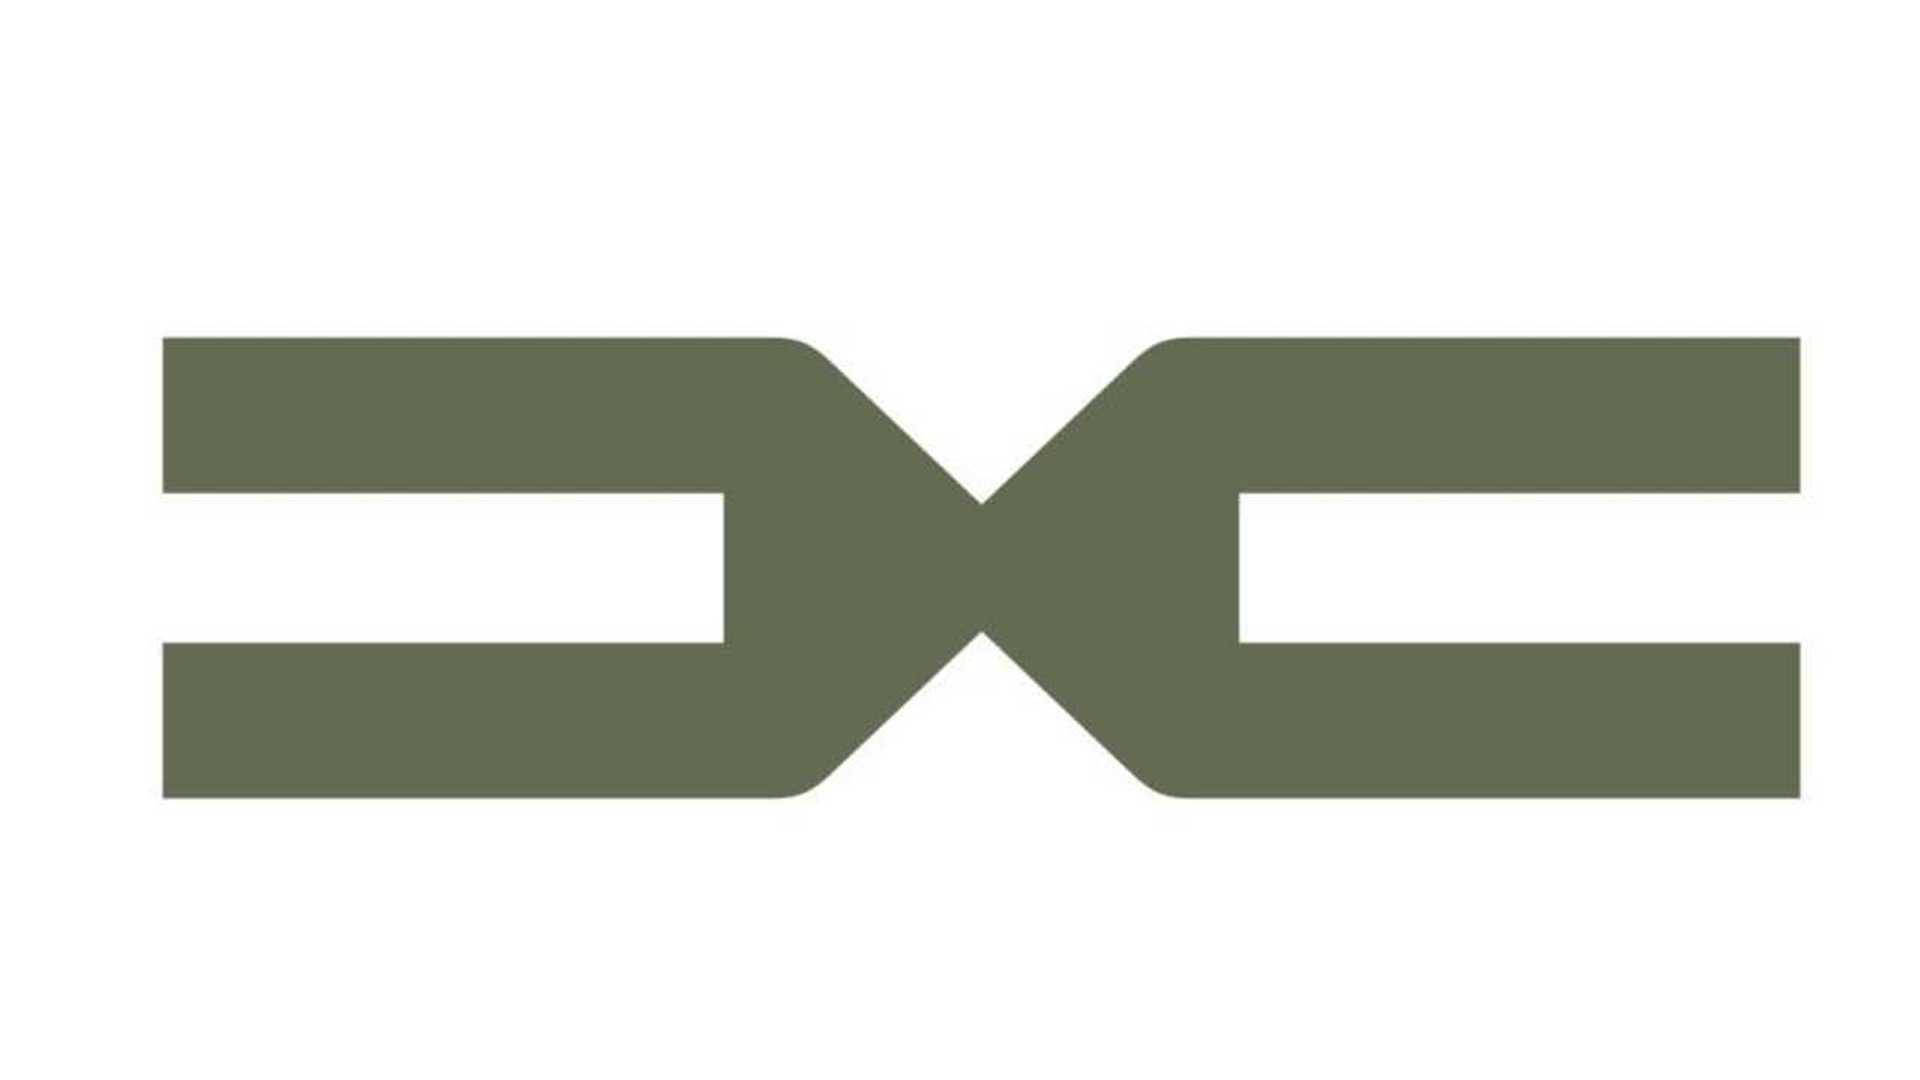 Une nouvelle identité visuelle et un nouveau logo pour Dacia